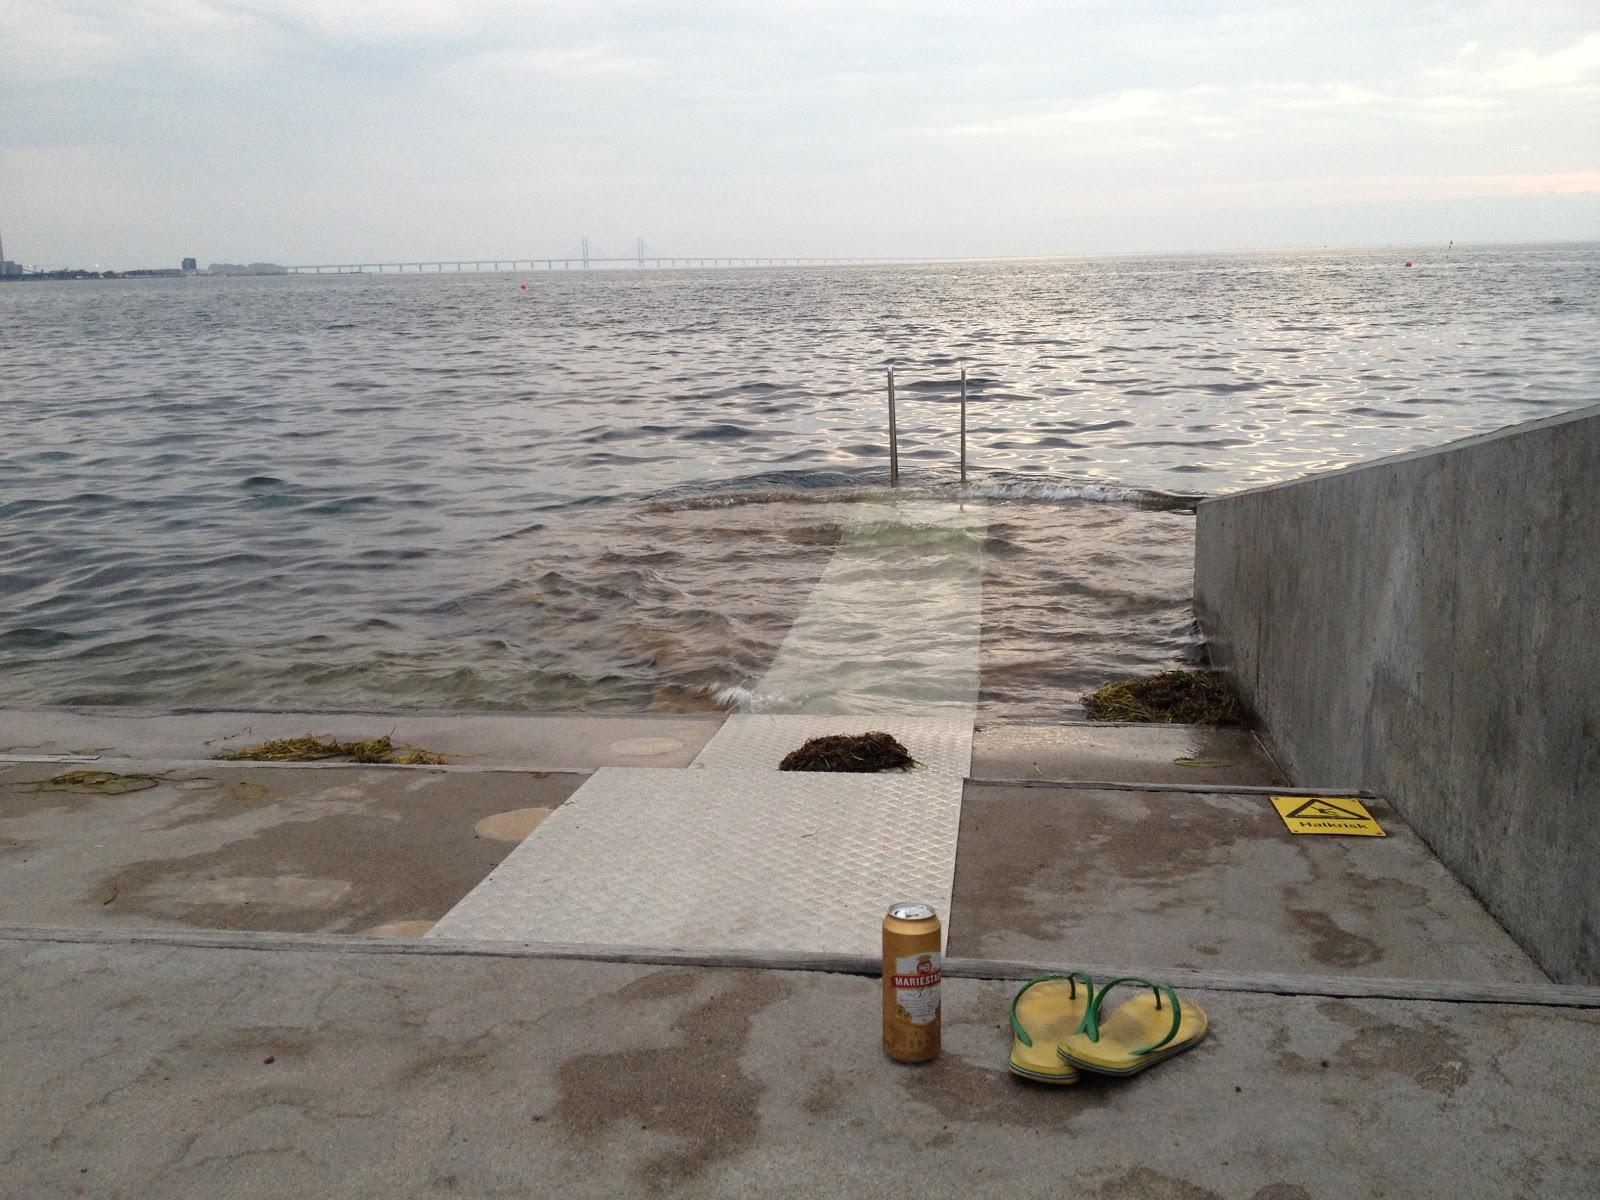 beer, flip flops, and the Oresund Strait